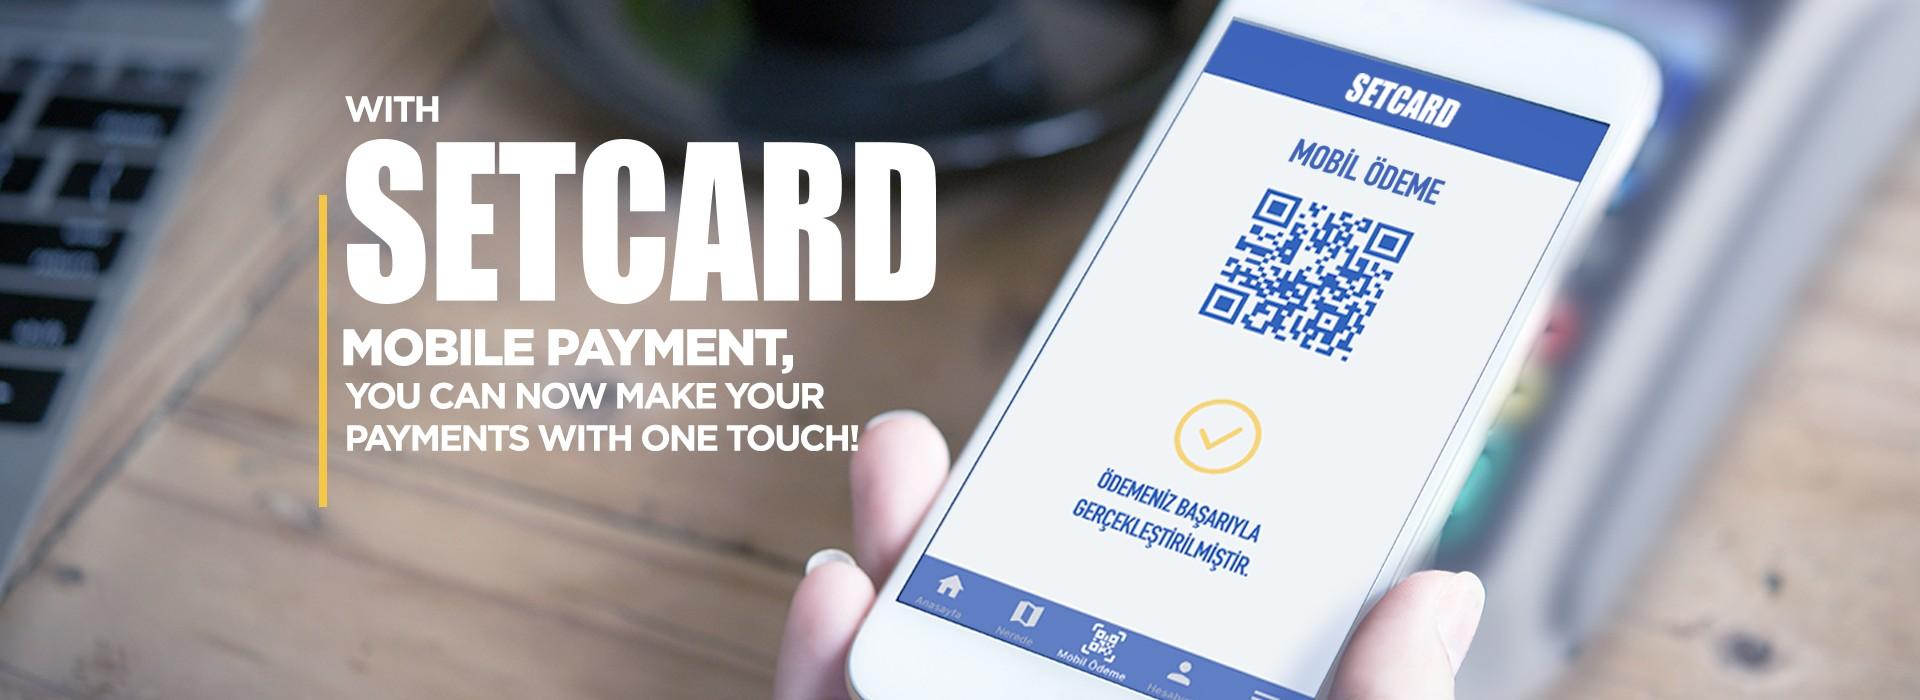 Setcard Mobile Payment